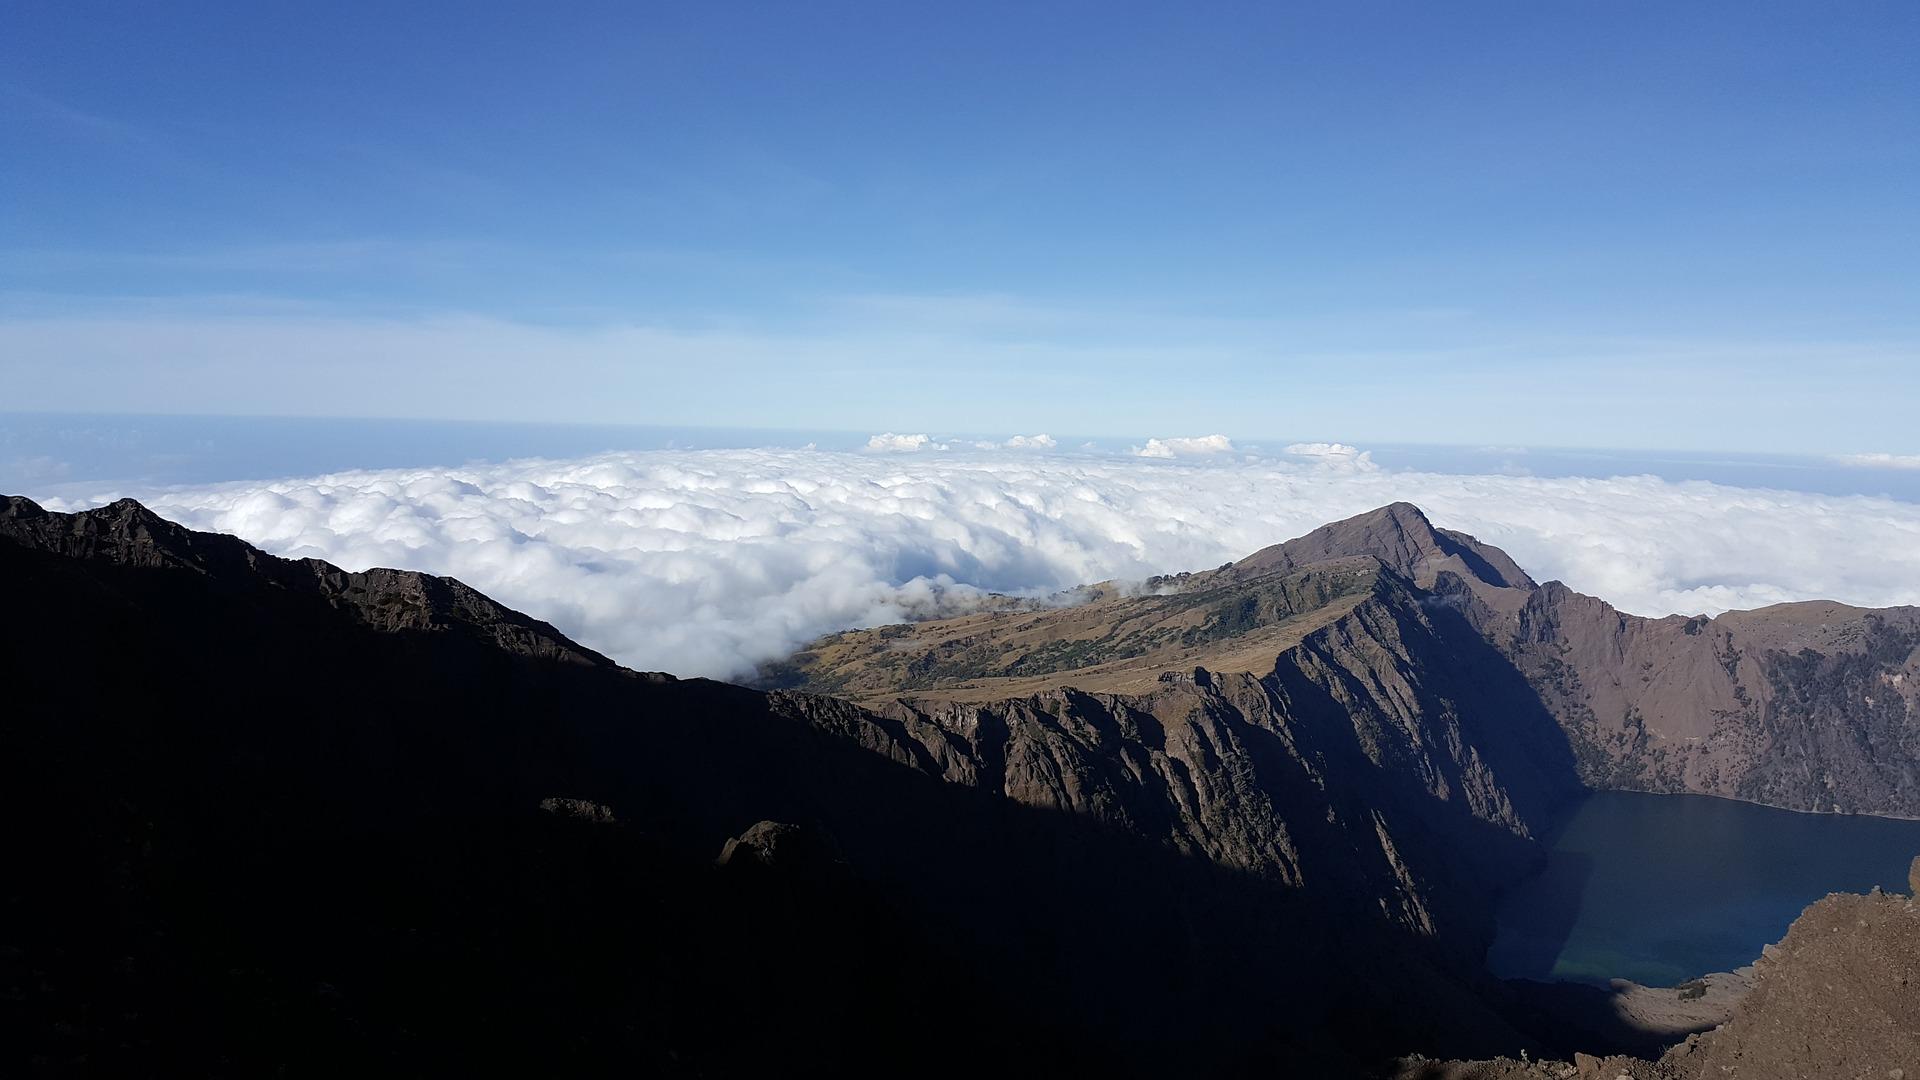 Climbing Mount Rinjani from Gili Trawangan